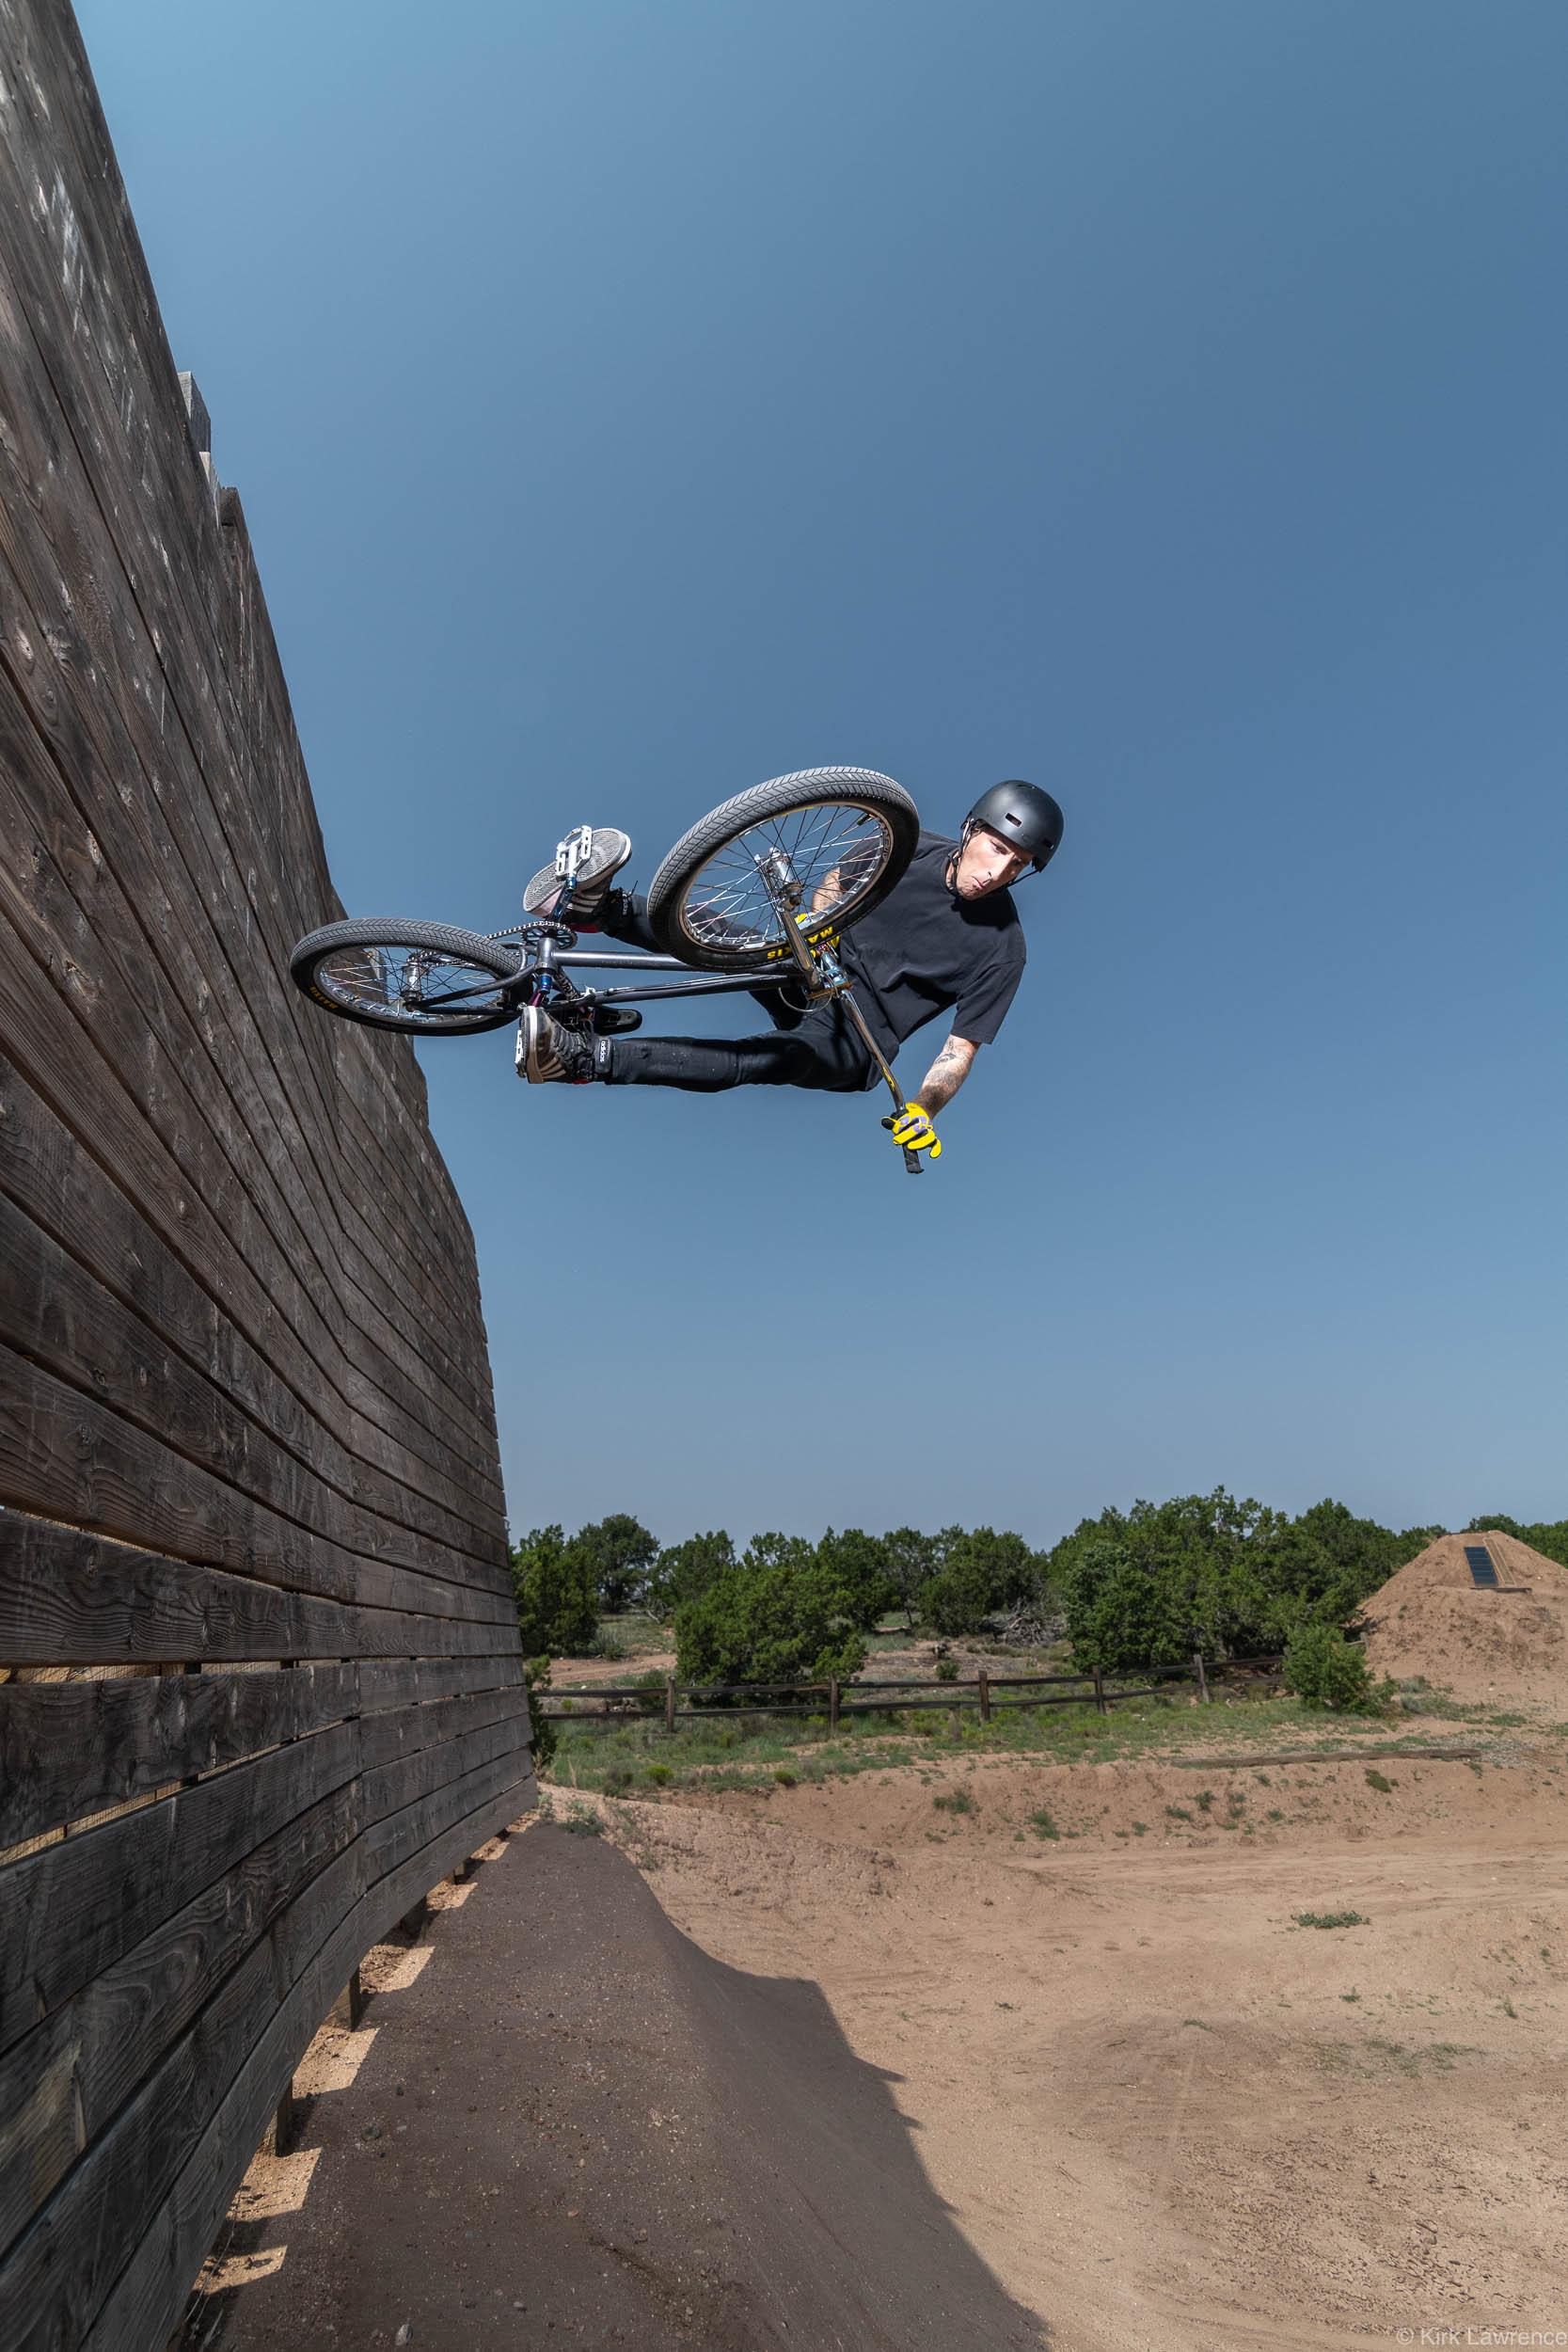 Santa_Fe_New_Mexico_BMX_rider_wall_ramp.jpg